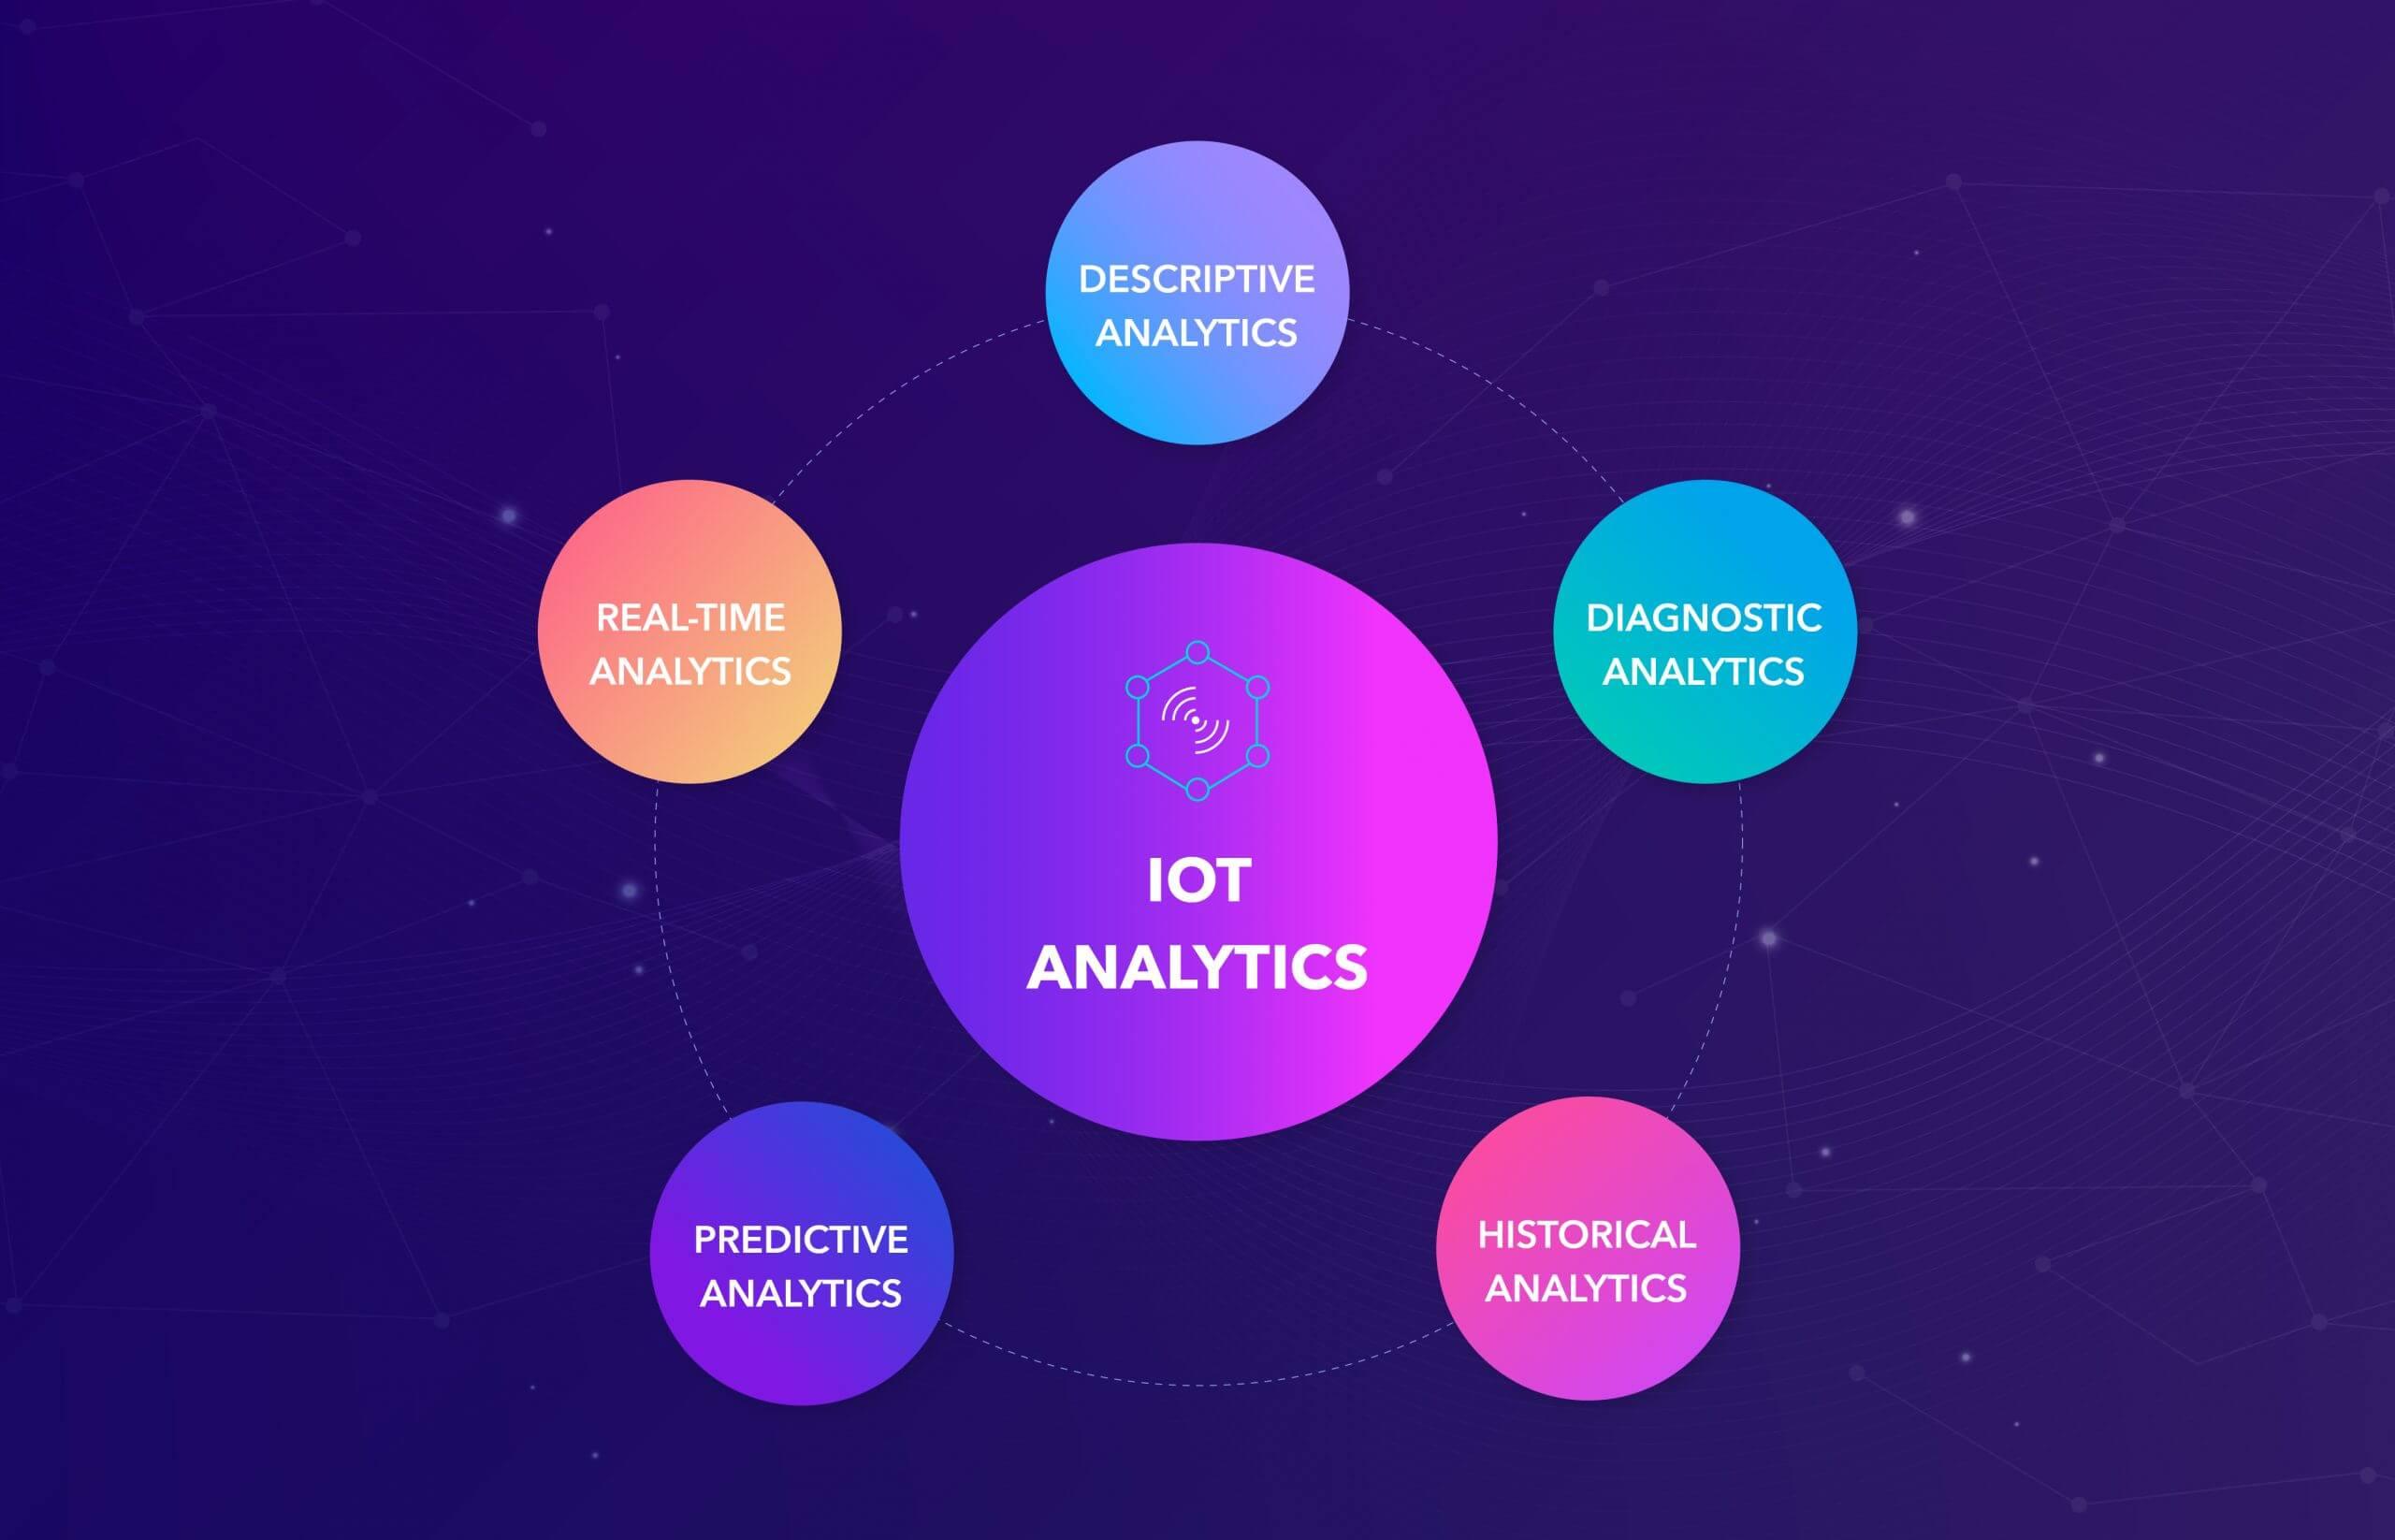 Types of IoT analytics